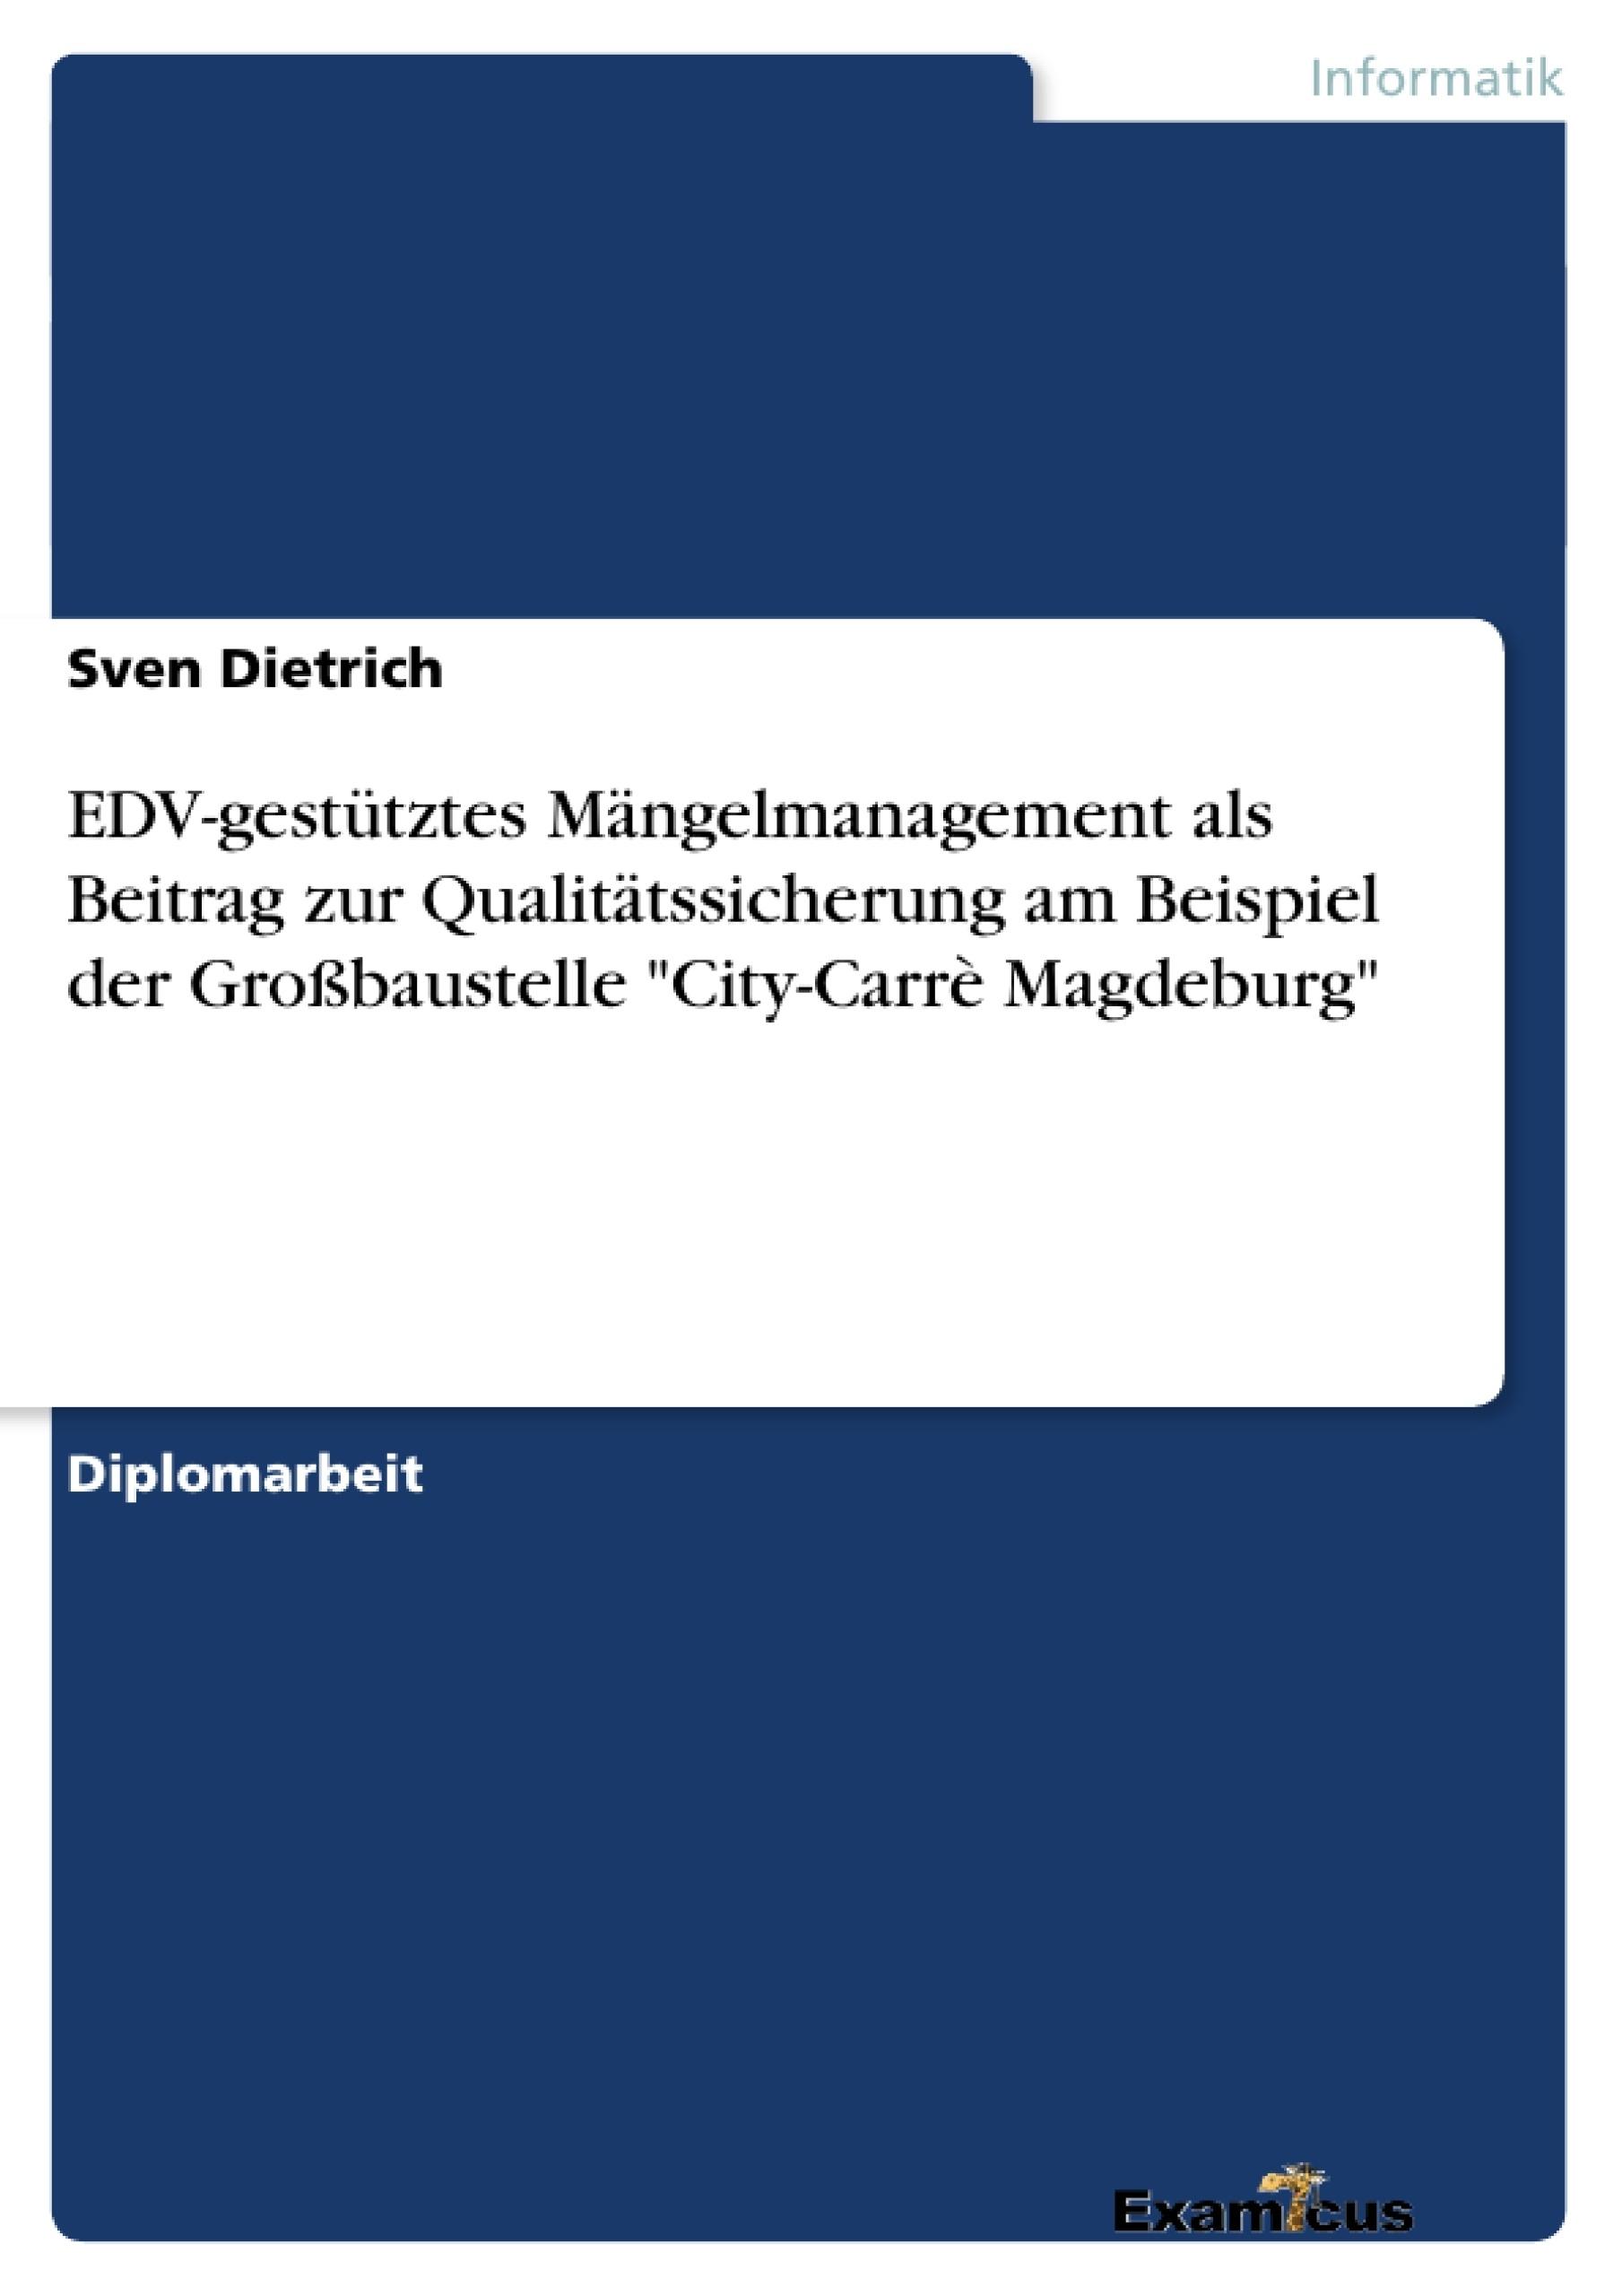 """Titel: EDV-gestütztes Mängelmanagement als Beitrag zur Qualitätssicherung am Beispiel der Großbaustelle """"City-Carrè Magdeburg"""""""